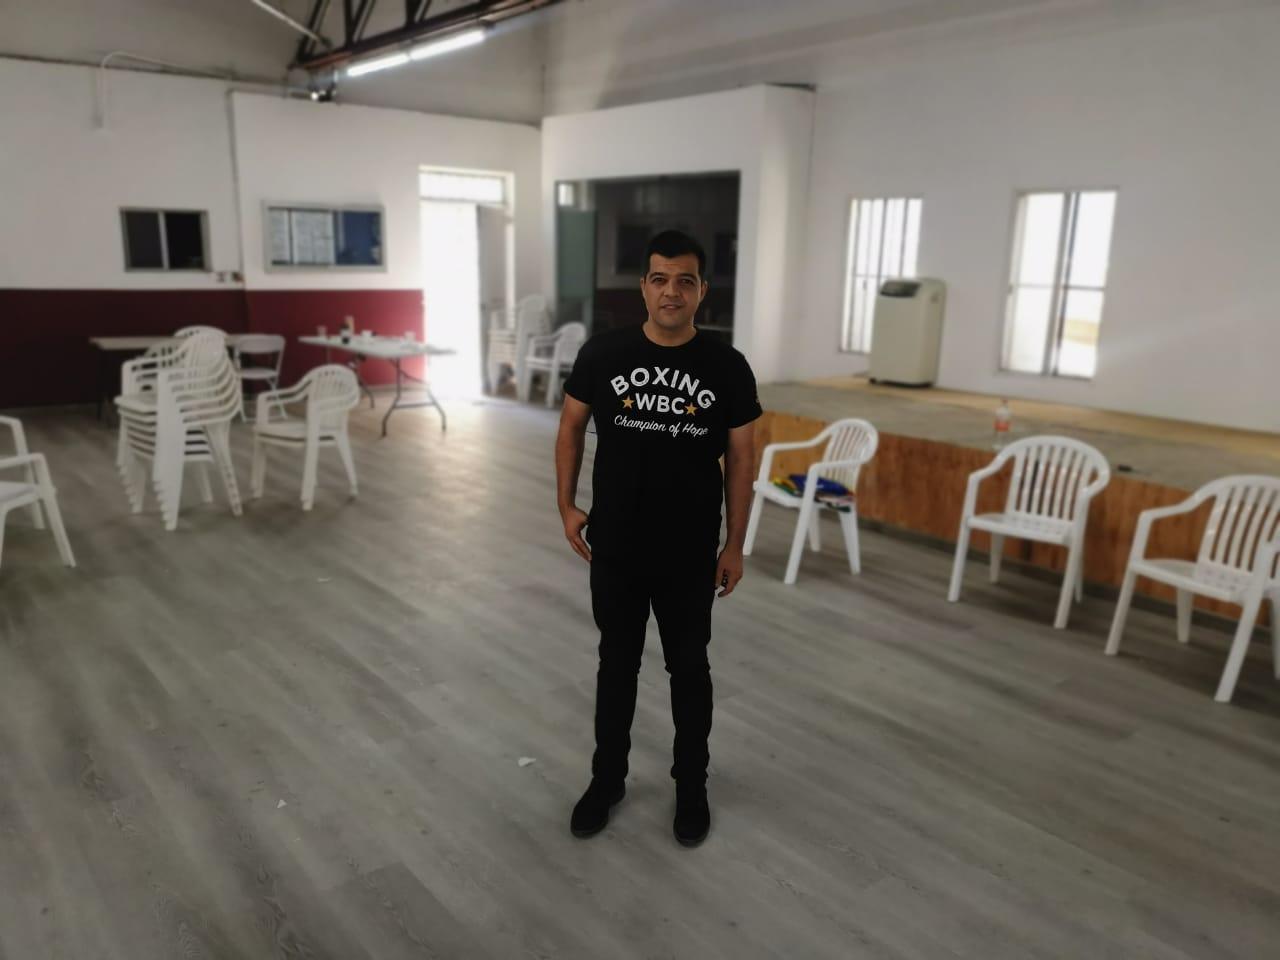 Remodelan instalaciones de Comisión Box de Tijuana